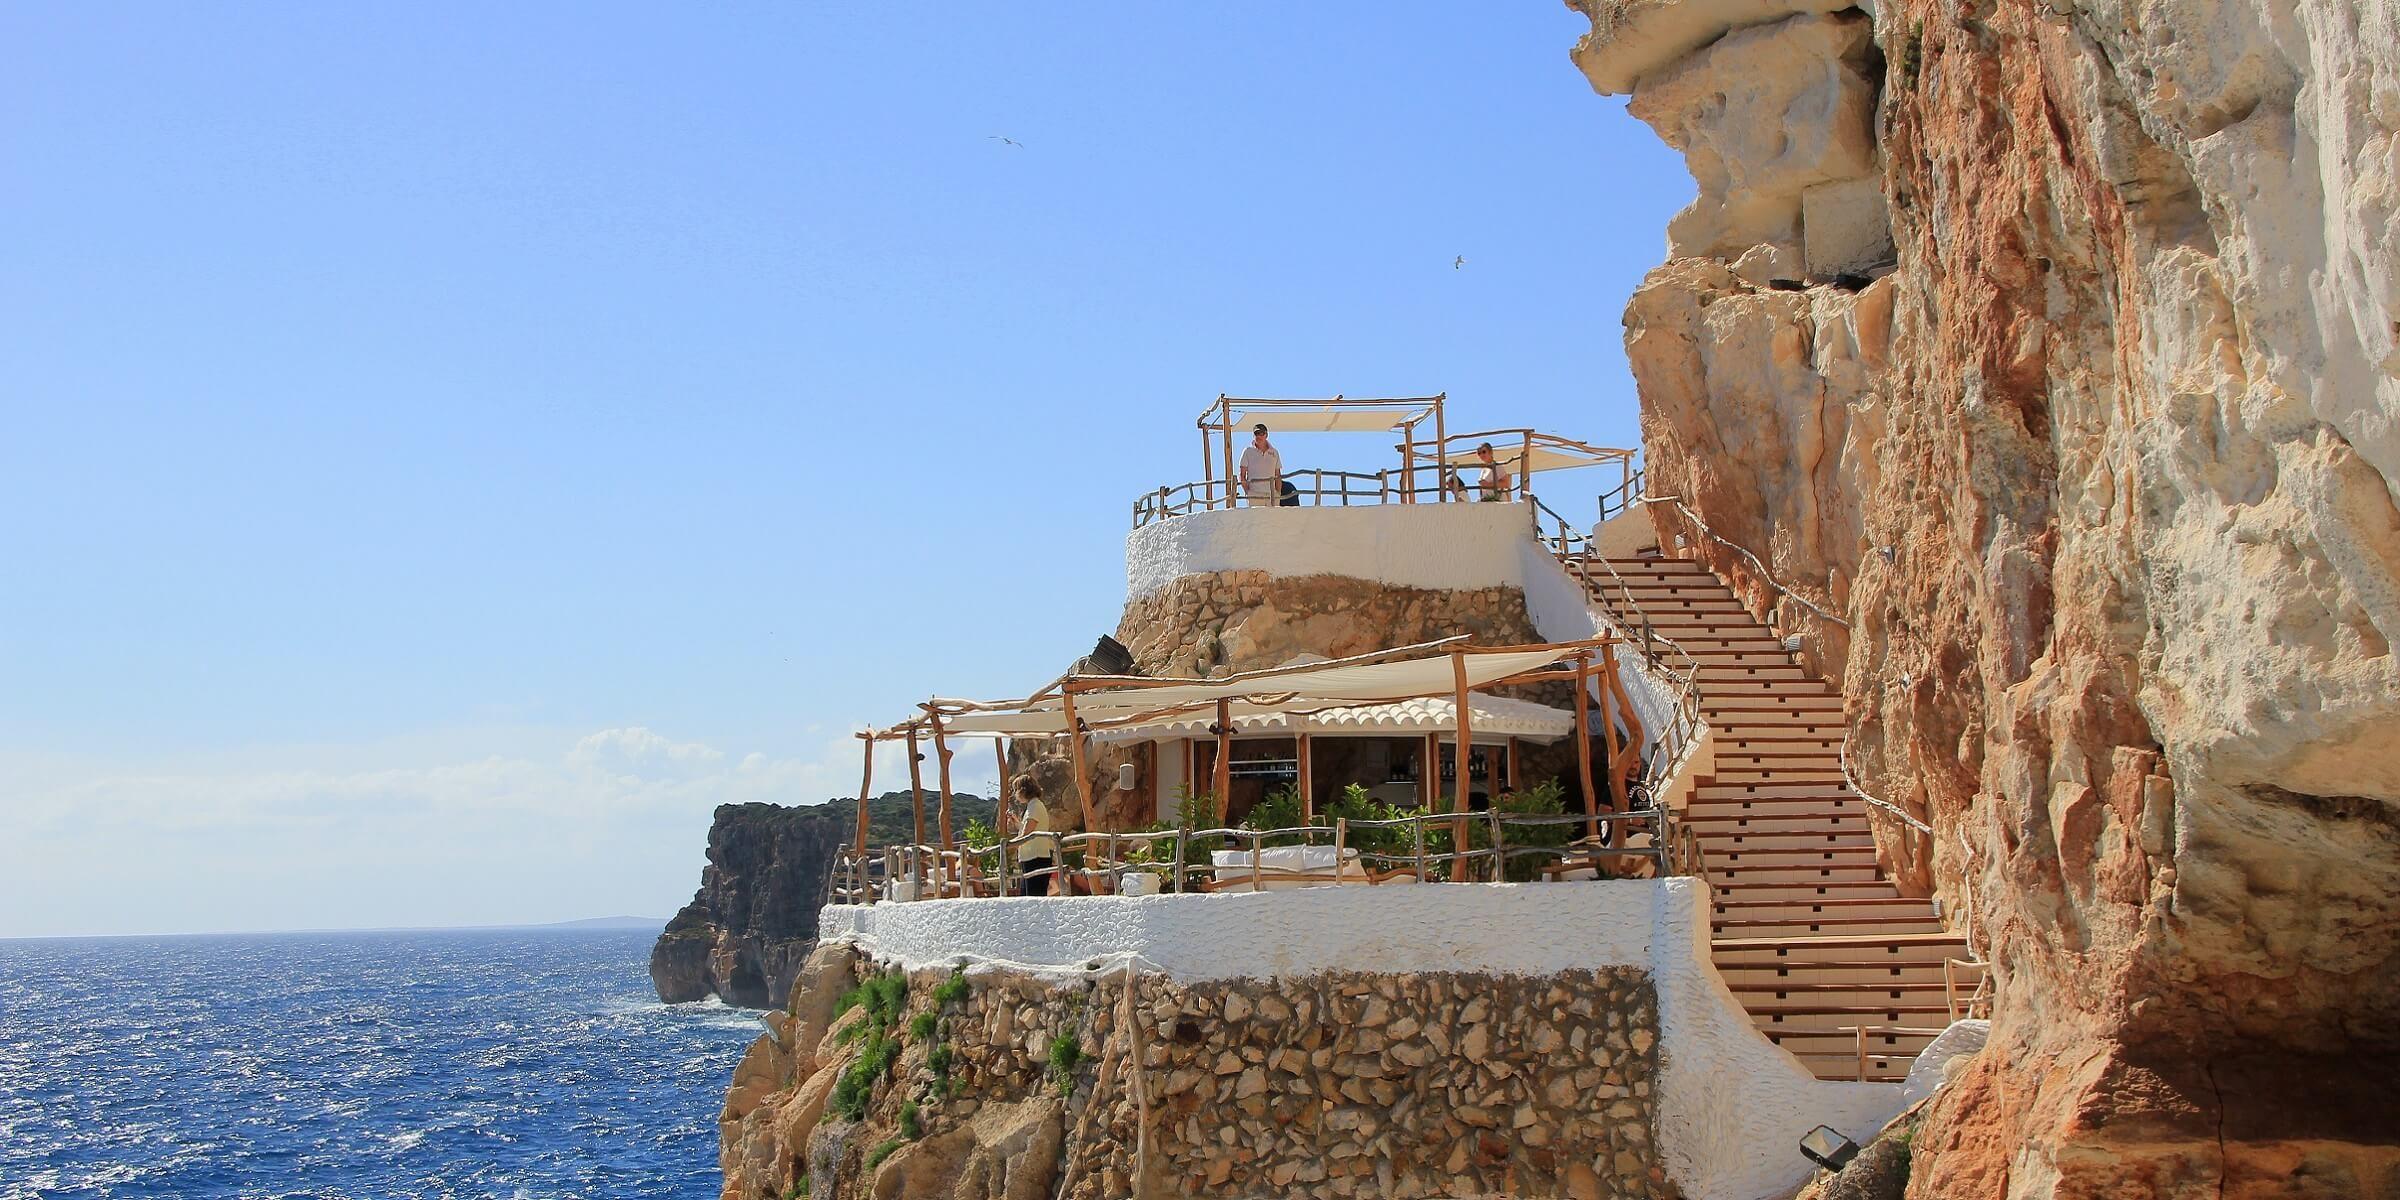 Auf Menorca gibt es zahlreiche kleine Restaurants direkt am Meer